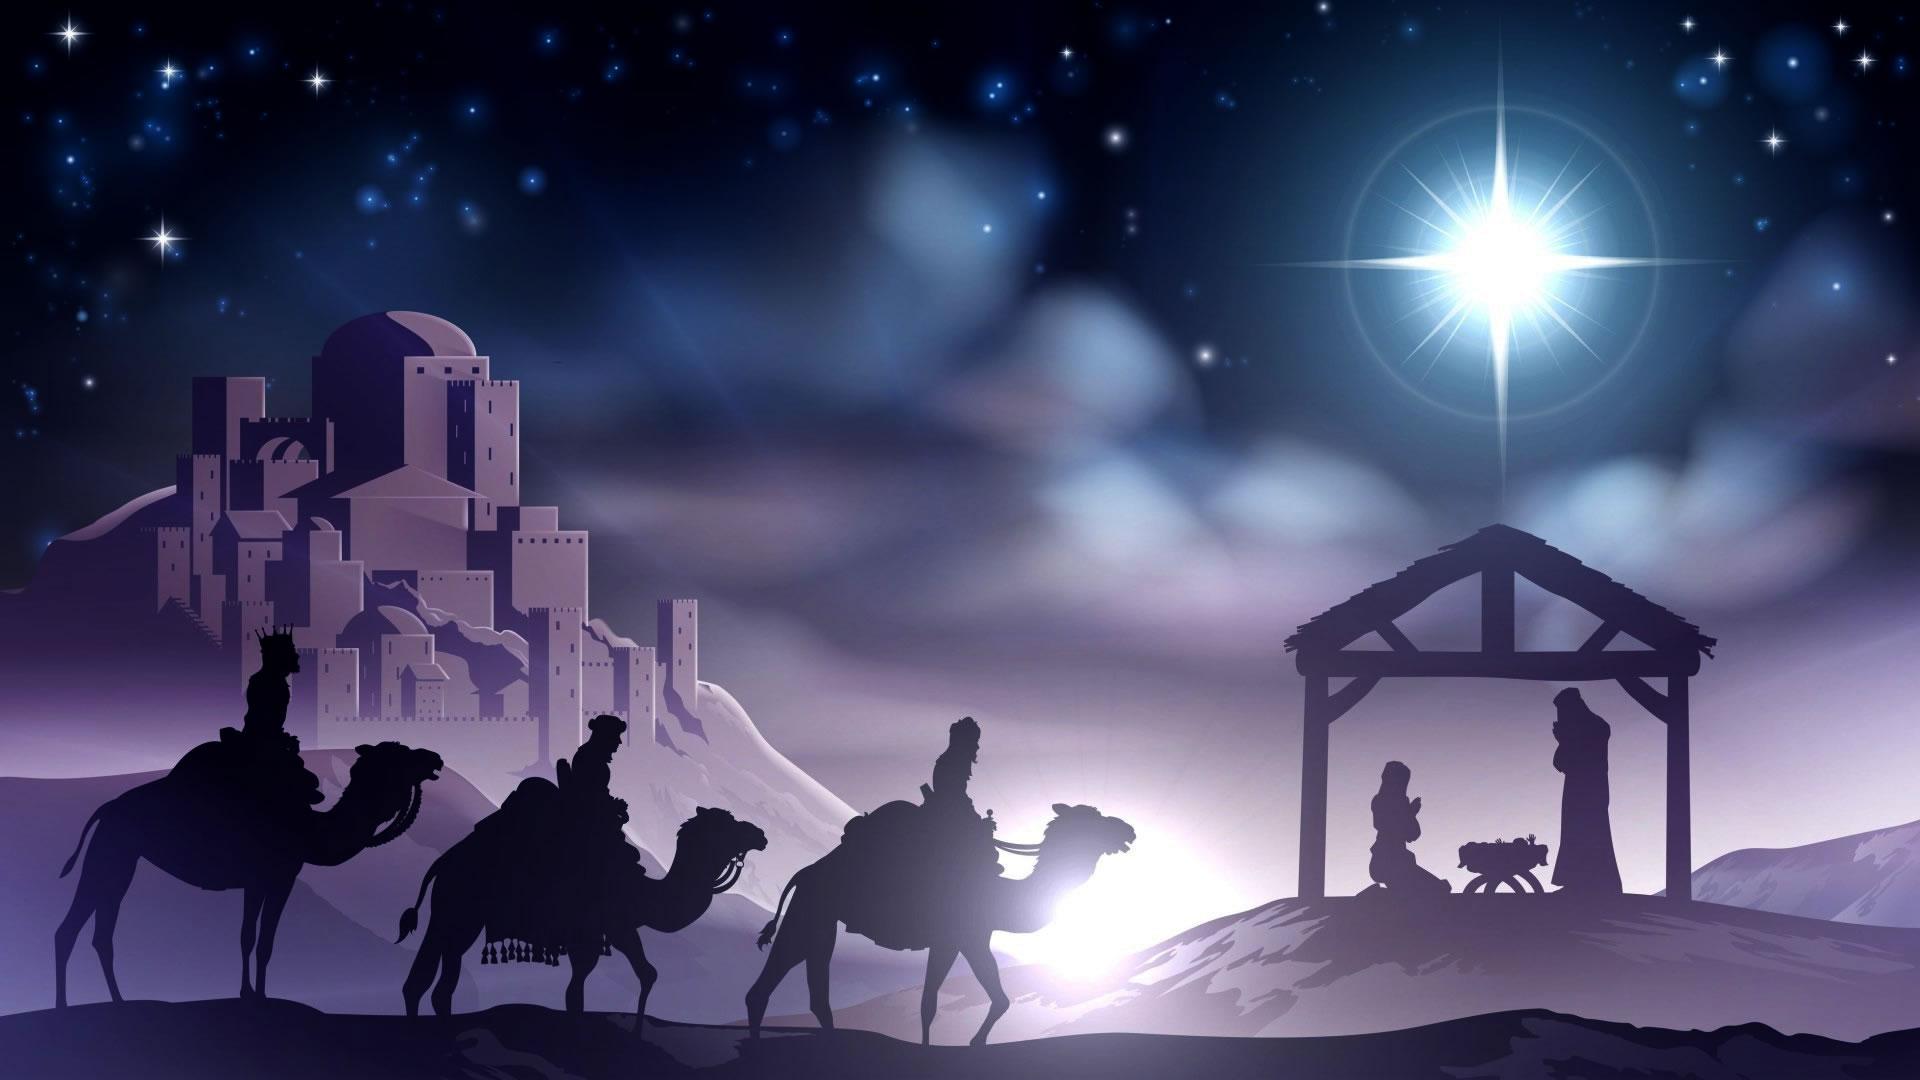 download wallpaper: Kerstverhaal – de geboorte van Jezus wallpaper